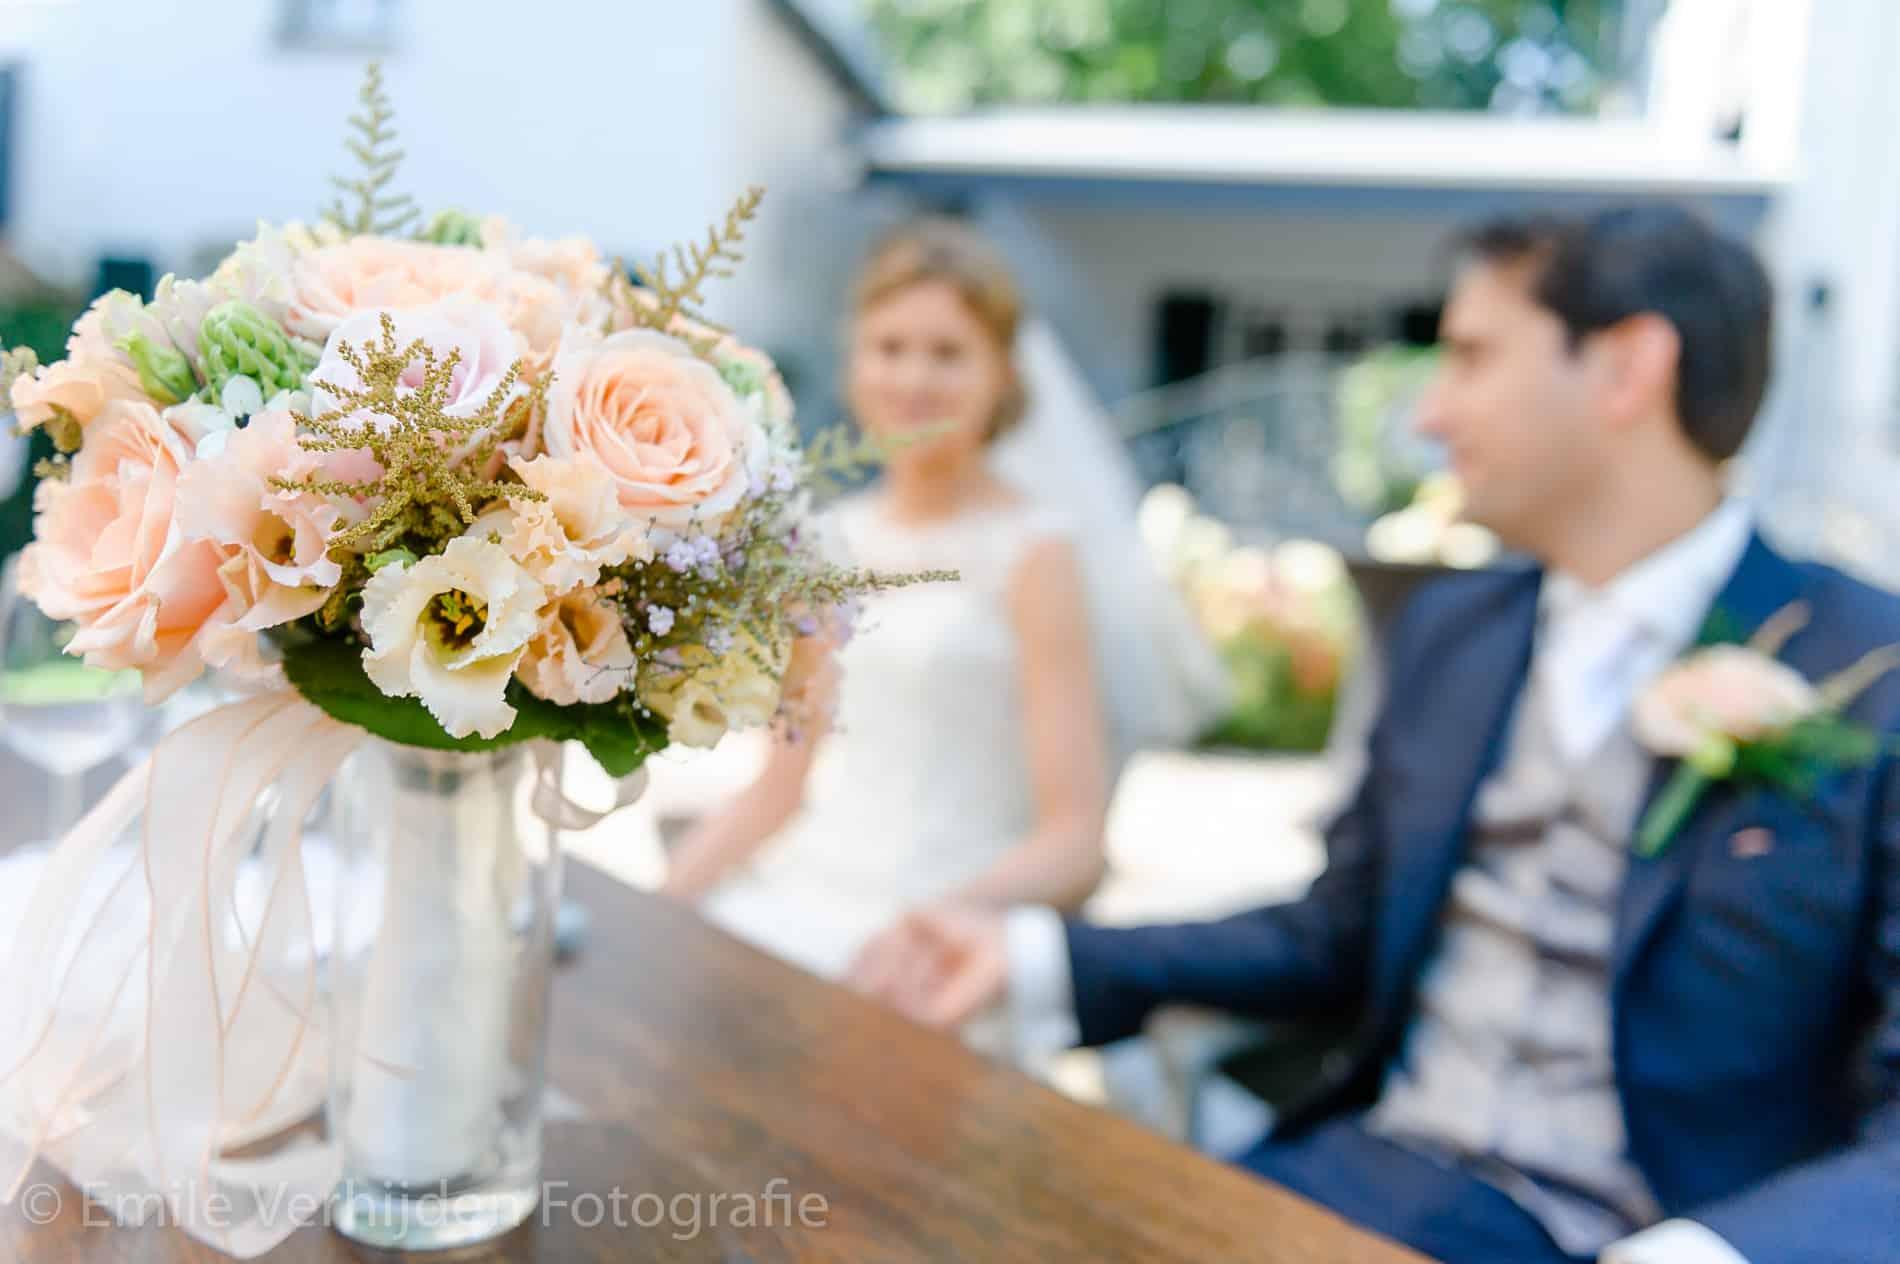 Bruidsboeket tijdens de ceremonie. Bruidsfotograaf Kasteel Groot Buggenum Grathem Limburg